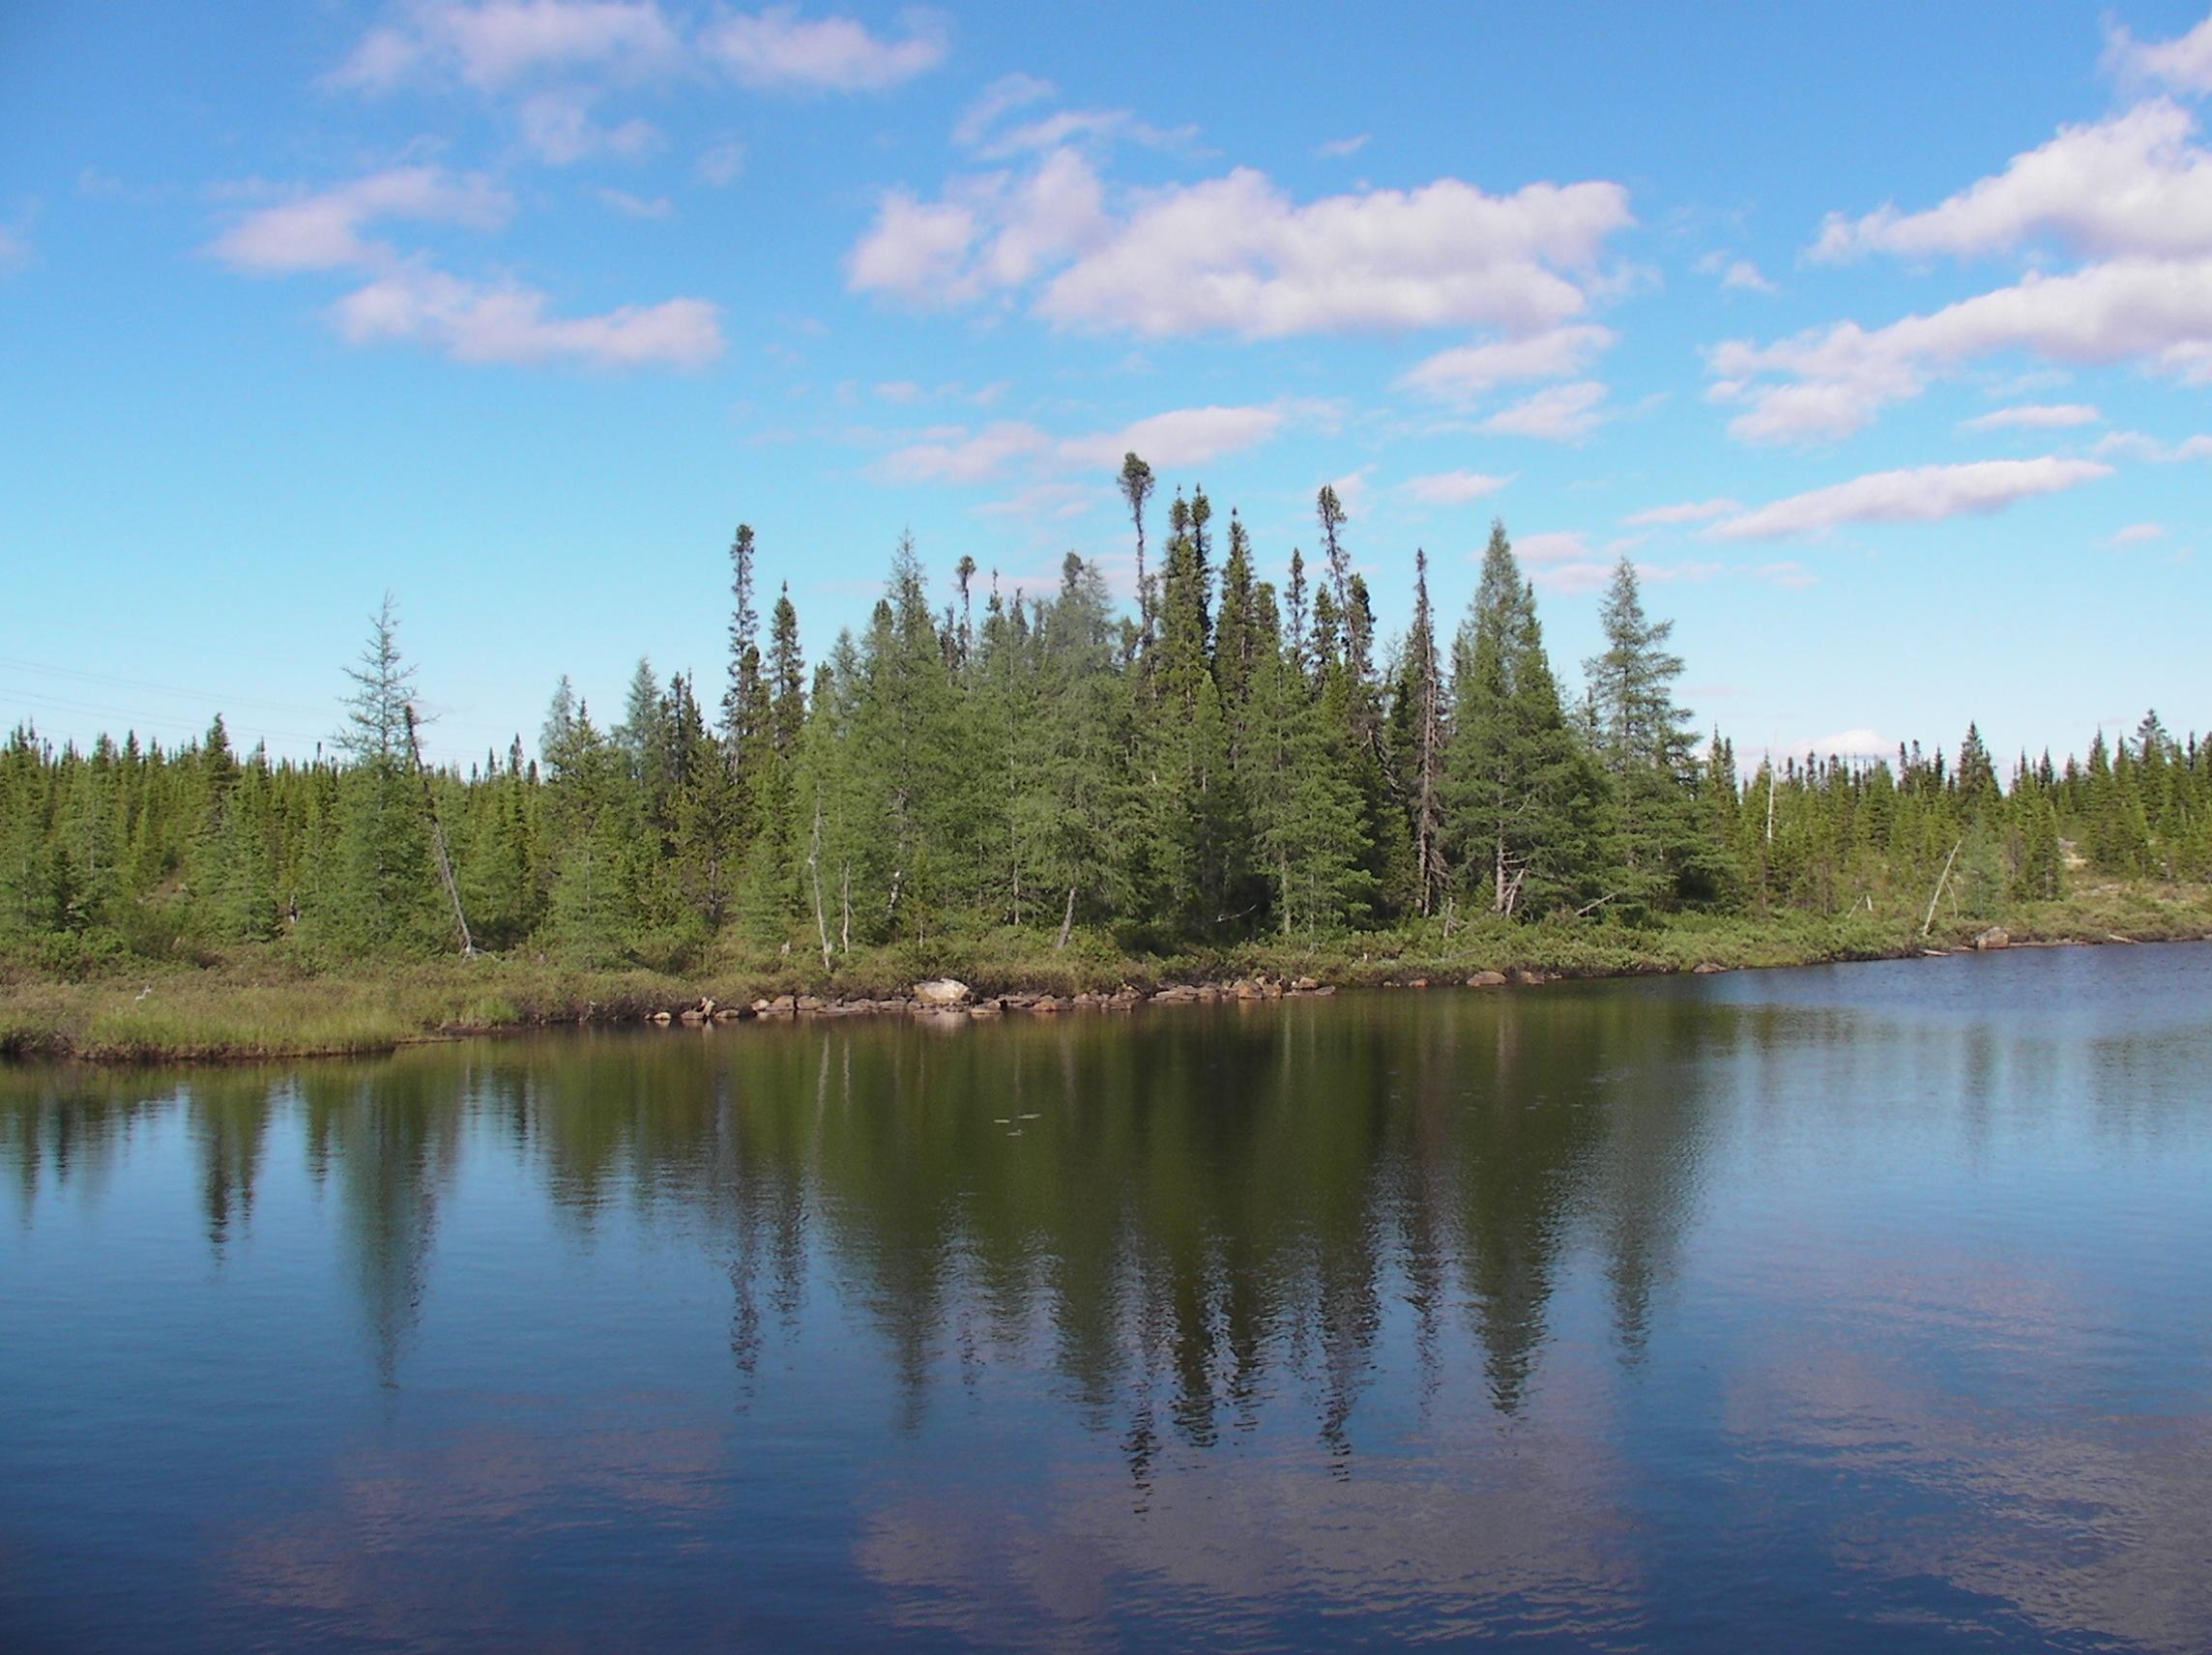 Lac / Lake